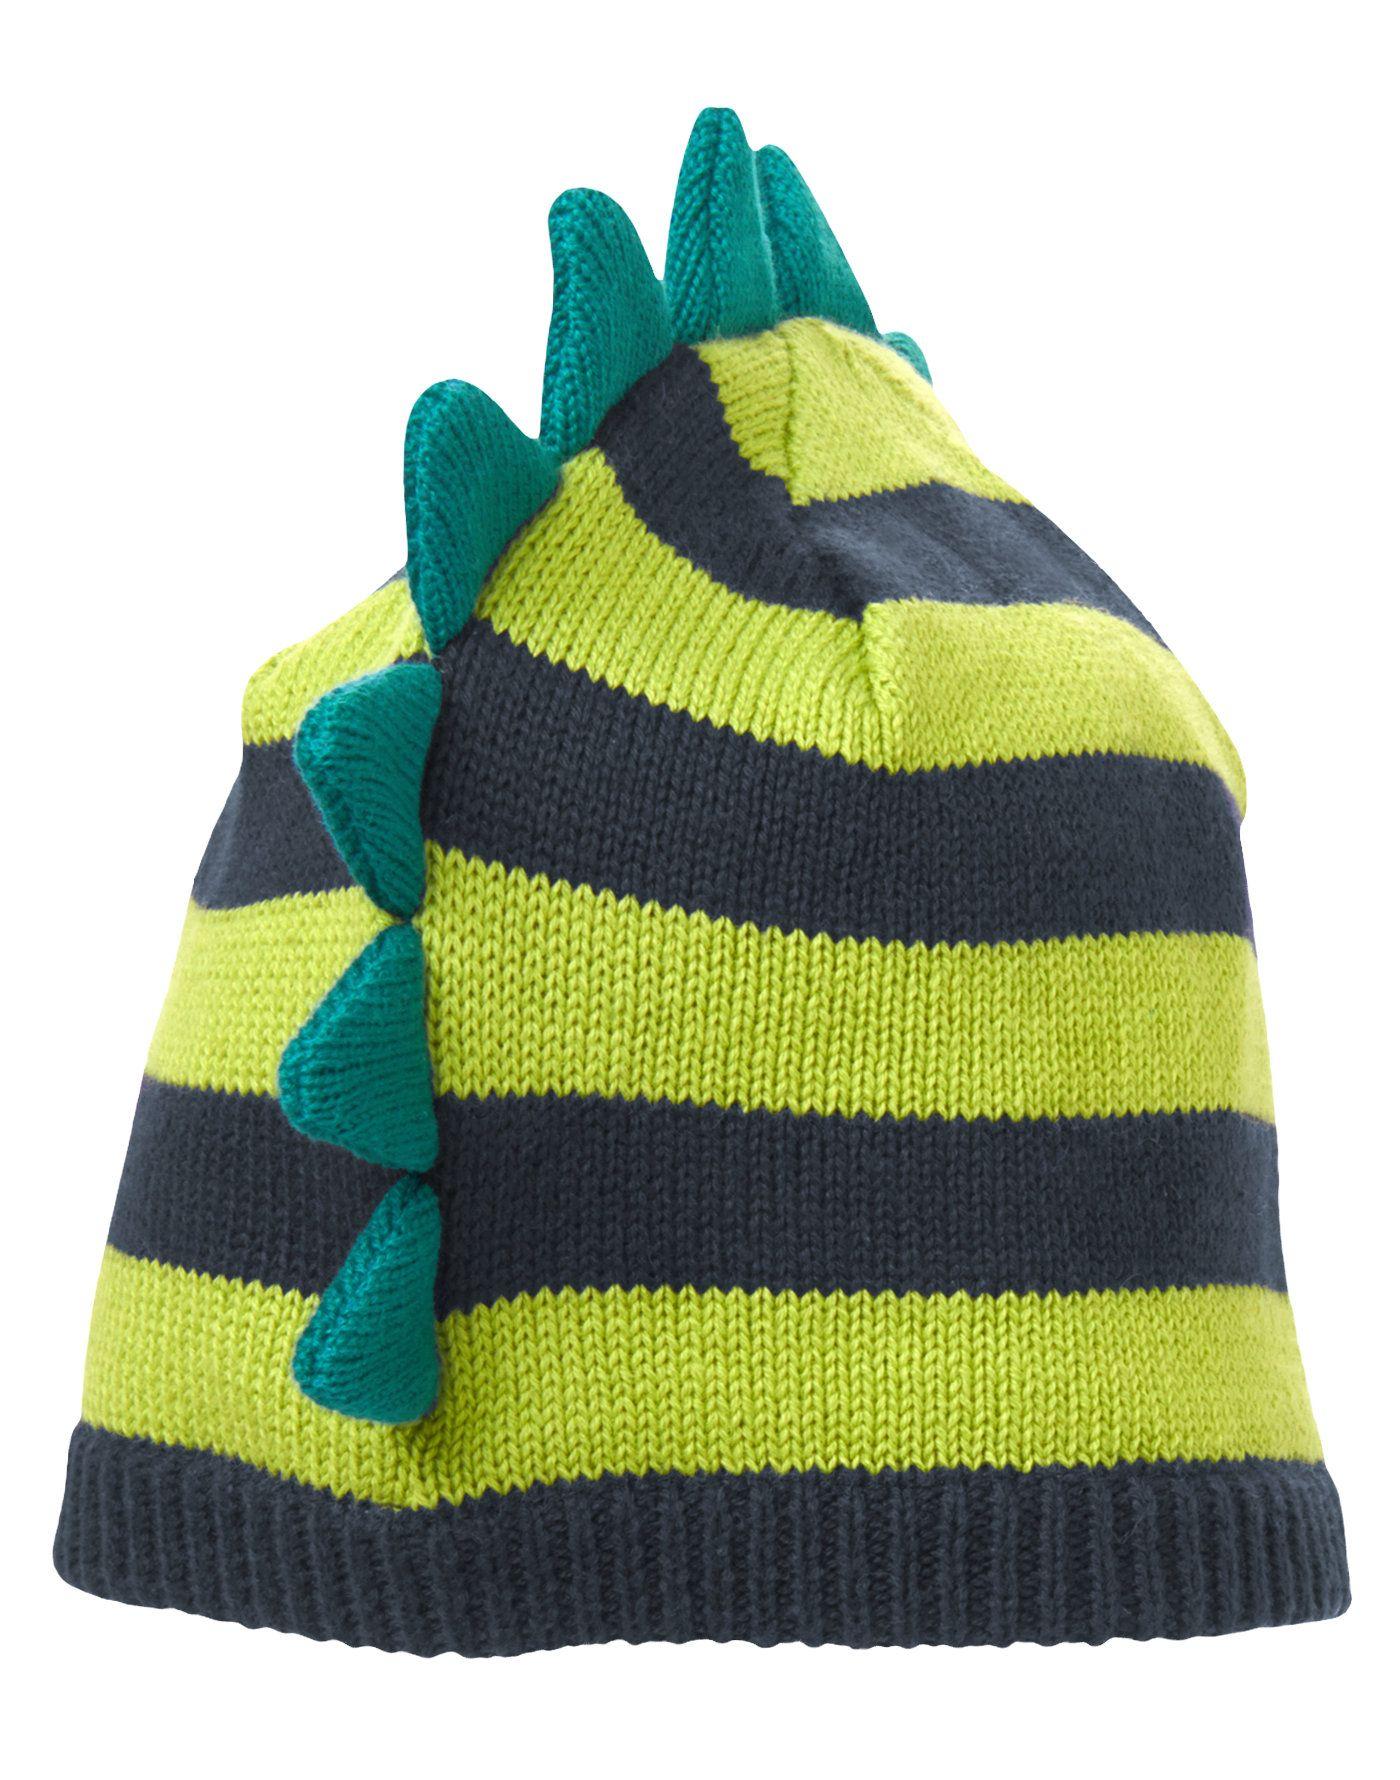 bc61d11da81 Dino cool! Soft stripe sweater beanie has fun 3-D spines.